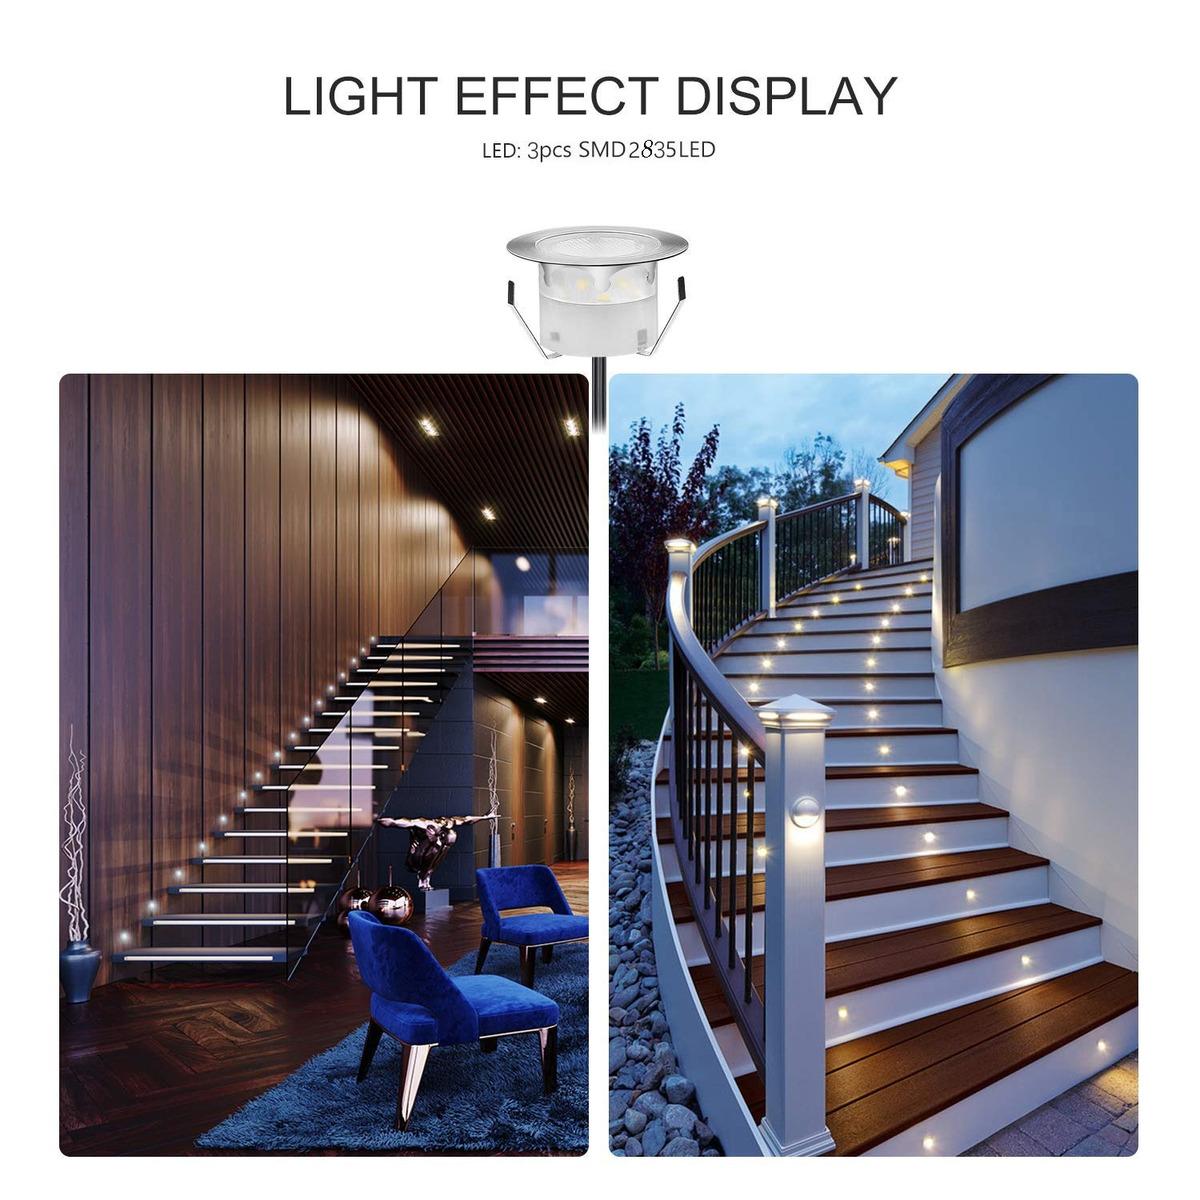 Low Voltage Led Deck Lighting Kit Stainless Steel Waterproof 186 900 En Mercado Libre